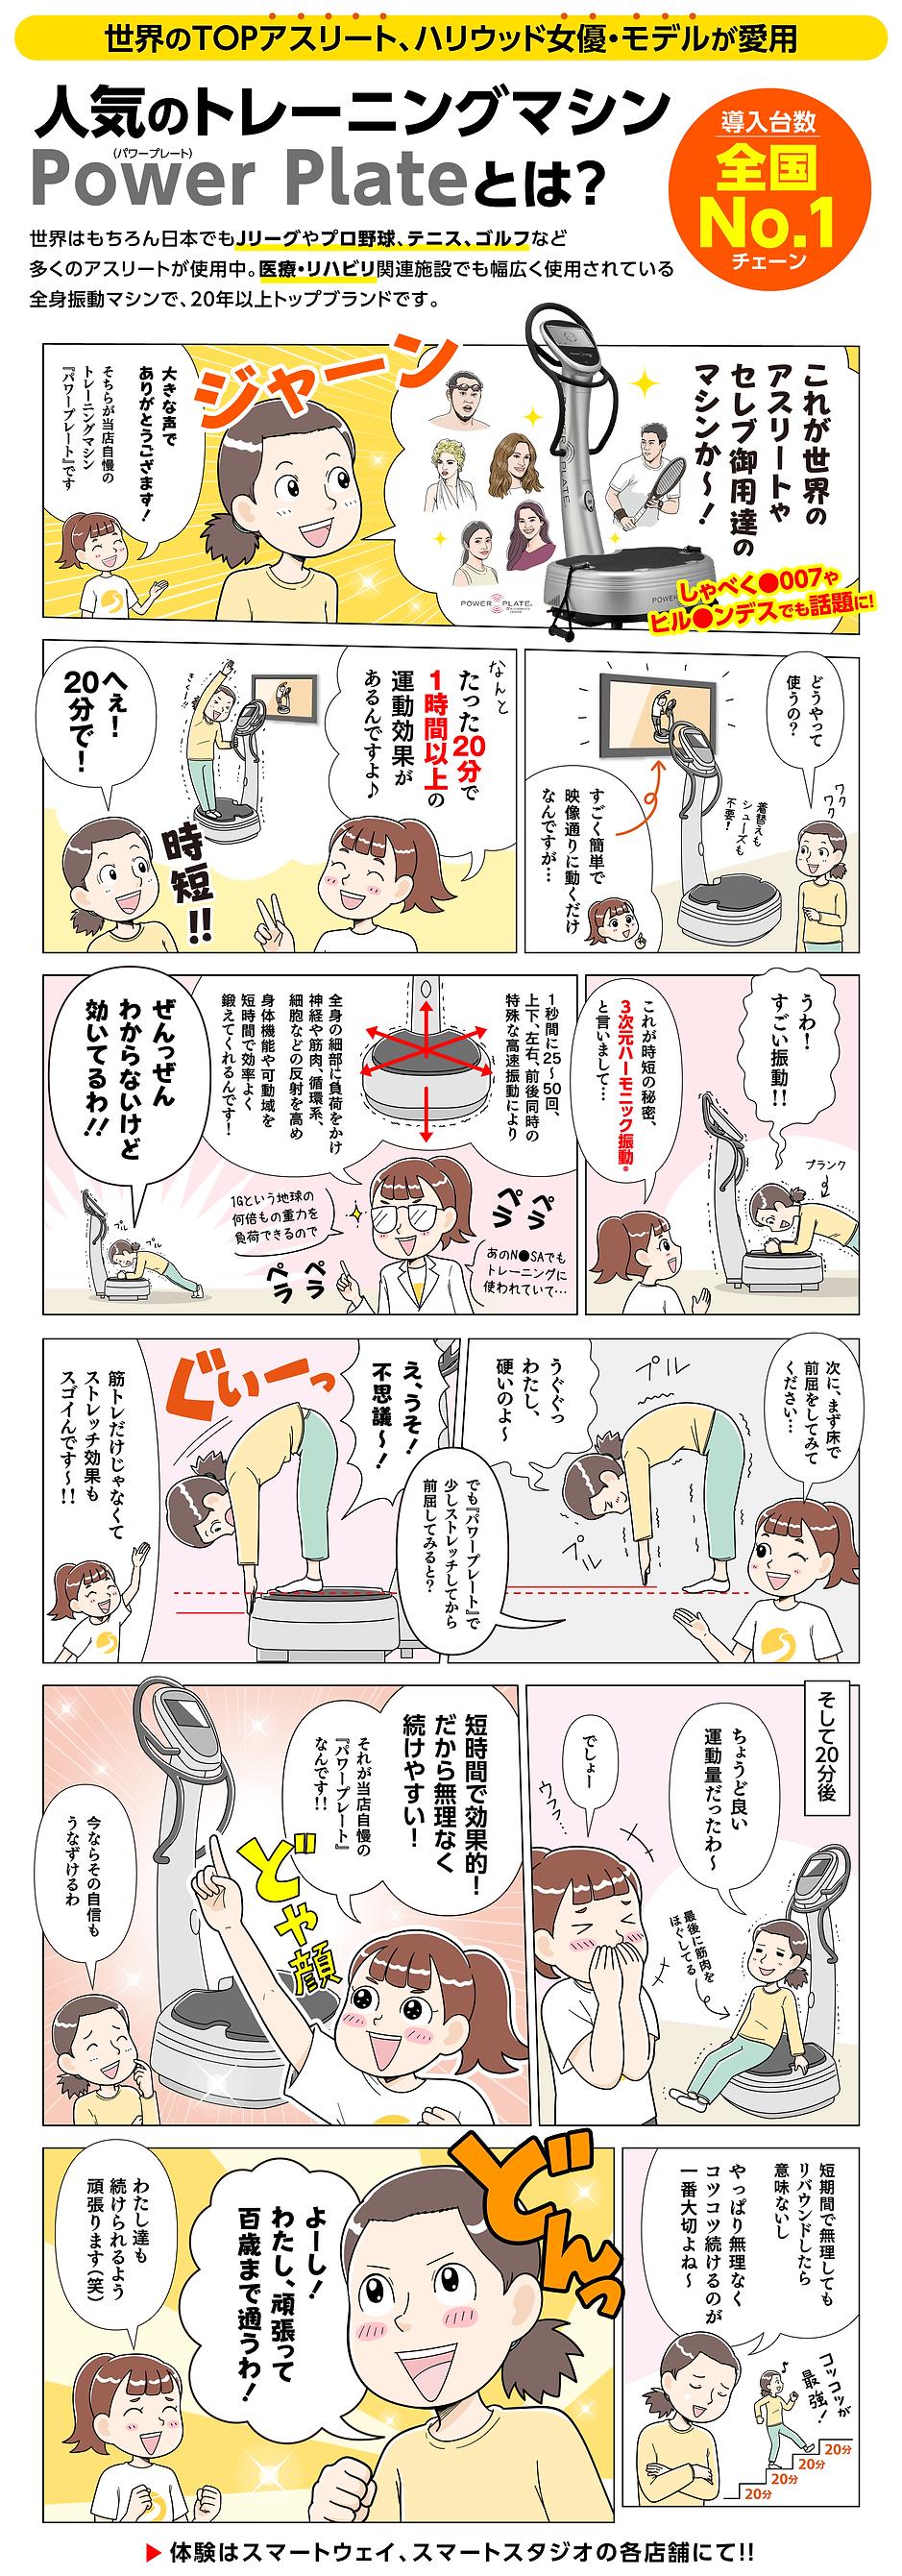 パワープレート紹介_WEBマンガ_RGB.png